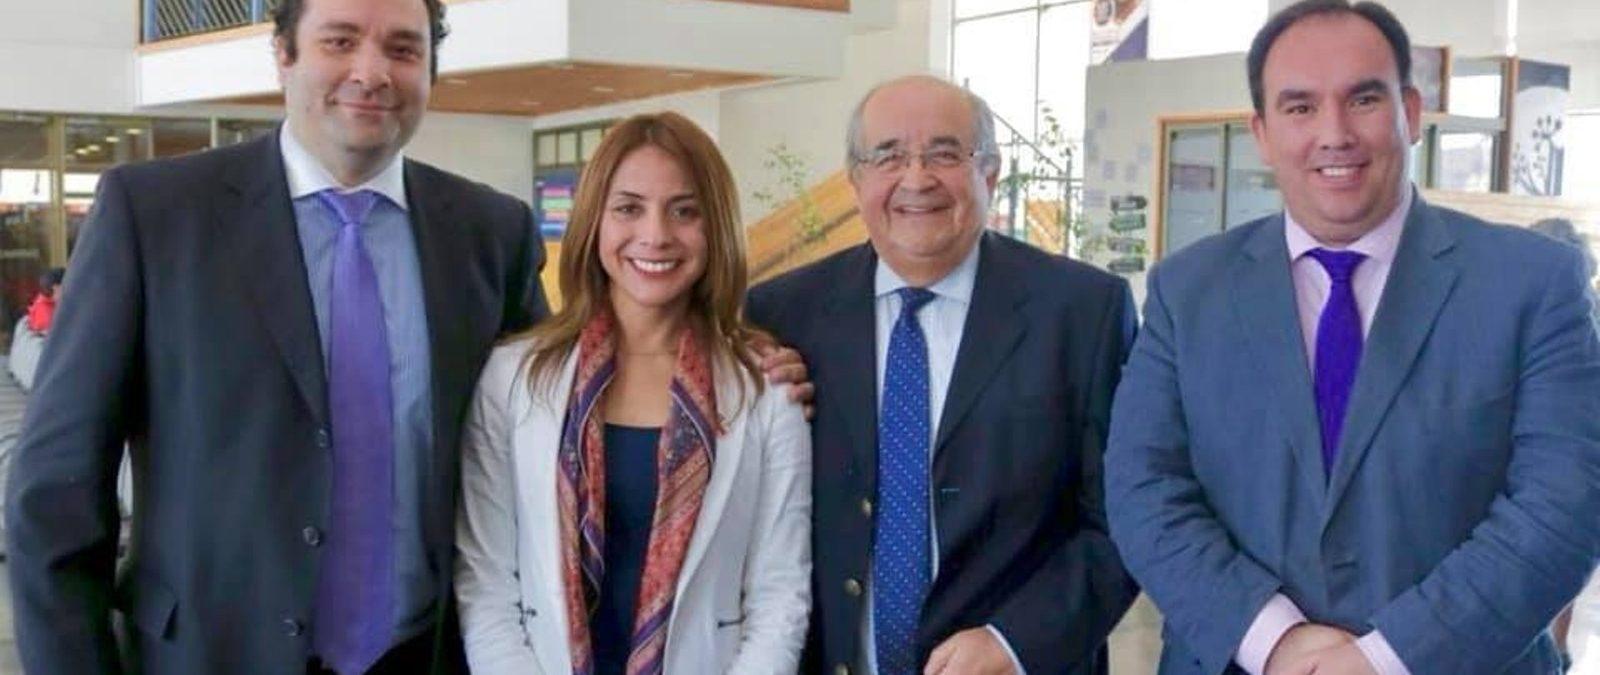 """Seremi de Gobierno: """"Aniversario de Los Rios es una oportunidad para seguir avanzando en el desarrollo regional"""""""